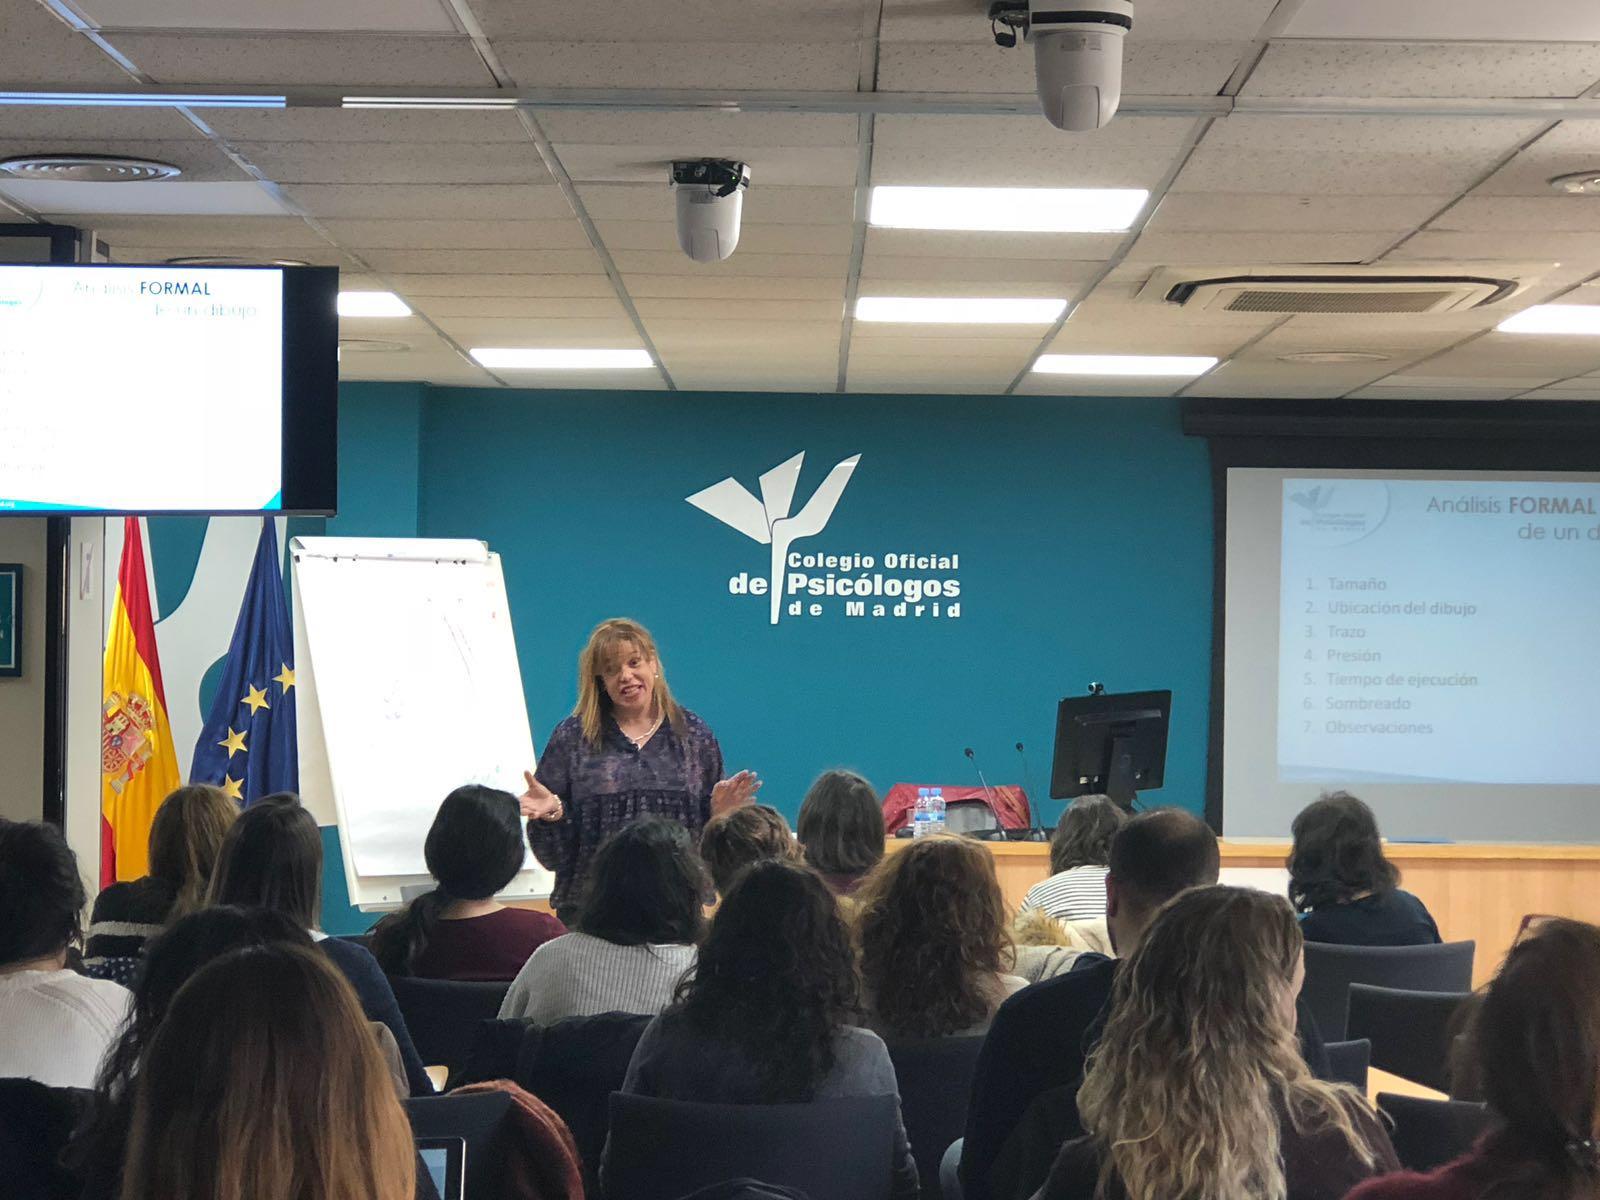 Participamos en el IV Ciclo Formativo del Colegio Oficial de Psicólogos de Madrid